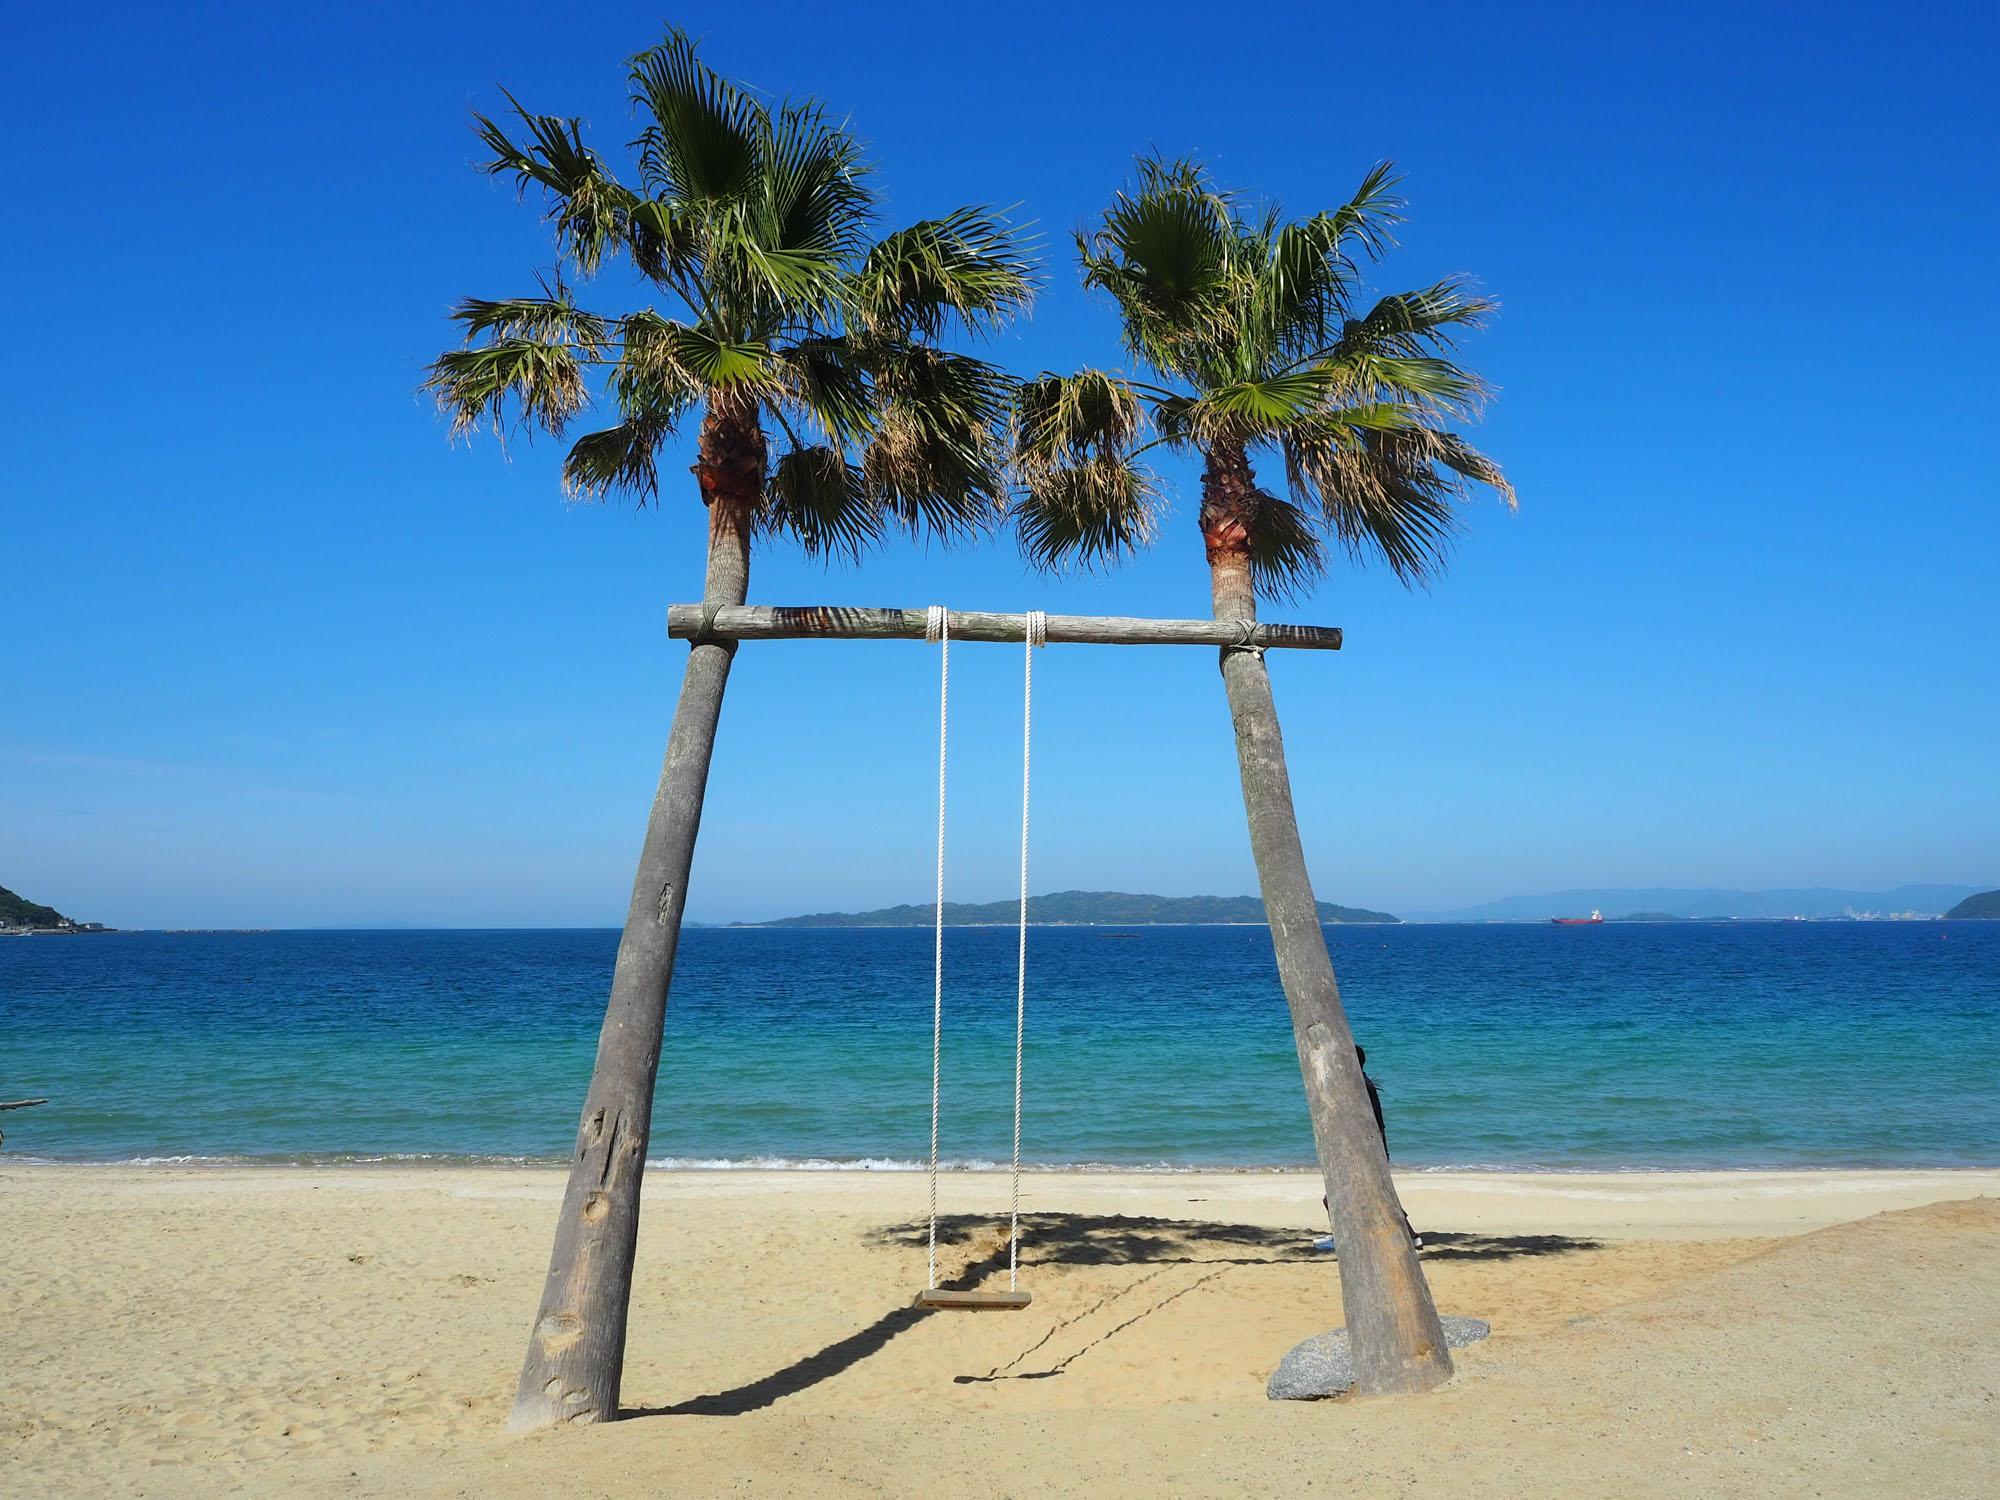 唐泊エリアで、楽しそうな声につられて海岸に行ってみると、ヤシの木ブランコを発見しました。海に向かって漕ぎだすと海を飛んでいるような爽快感。ここは「活魚茶屋 ざうお本店」さんの敷地内にあります。